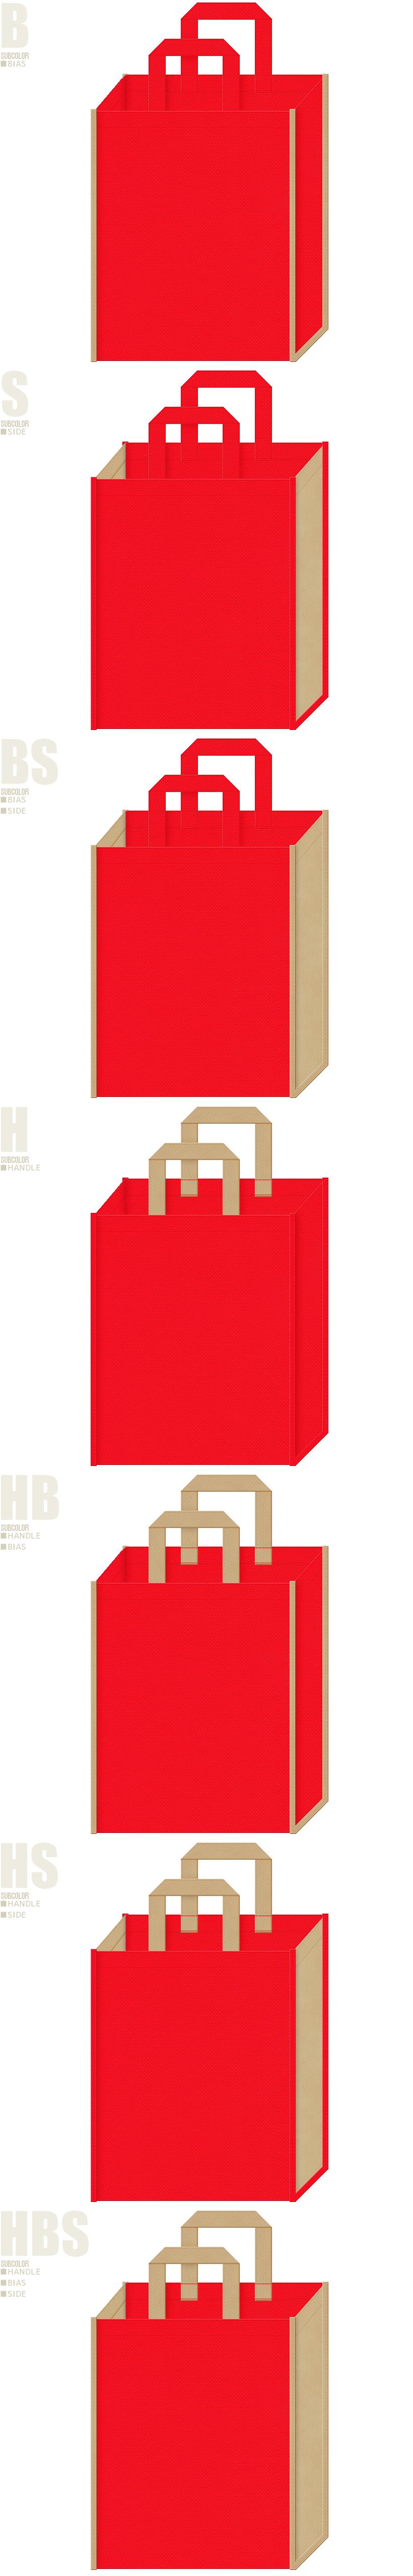 赤色とカーキ色、7パターンの不織布トートバッグ配色デザイン例。還暦お祝い商品のショッピングバッグにお奨めです。